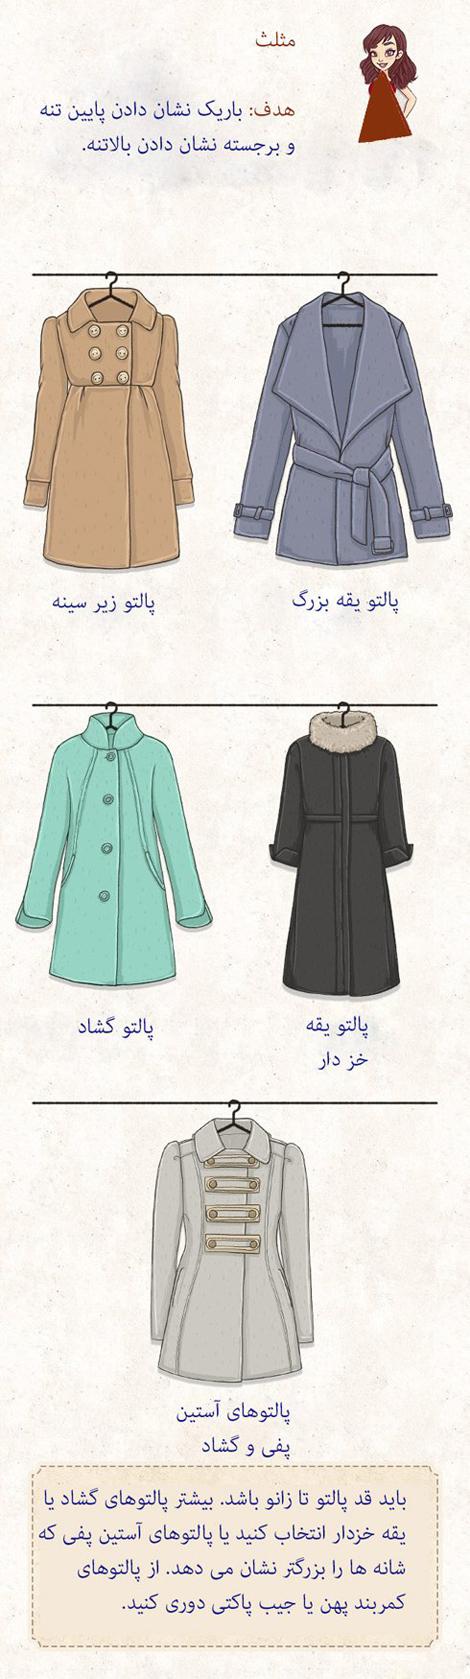 خرید پالتو و لباس های زمستانی, راهنمای انتخاب و خرید پالتو